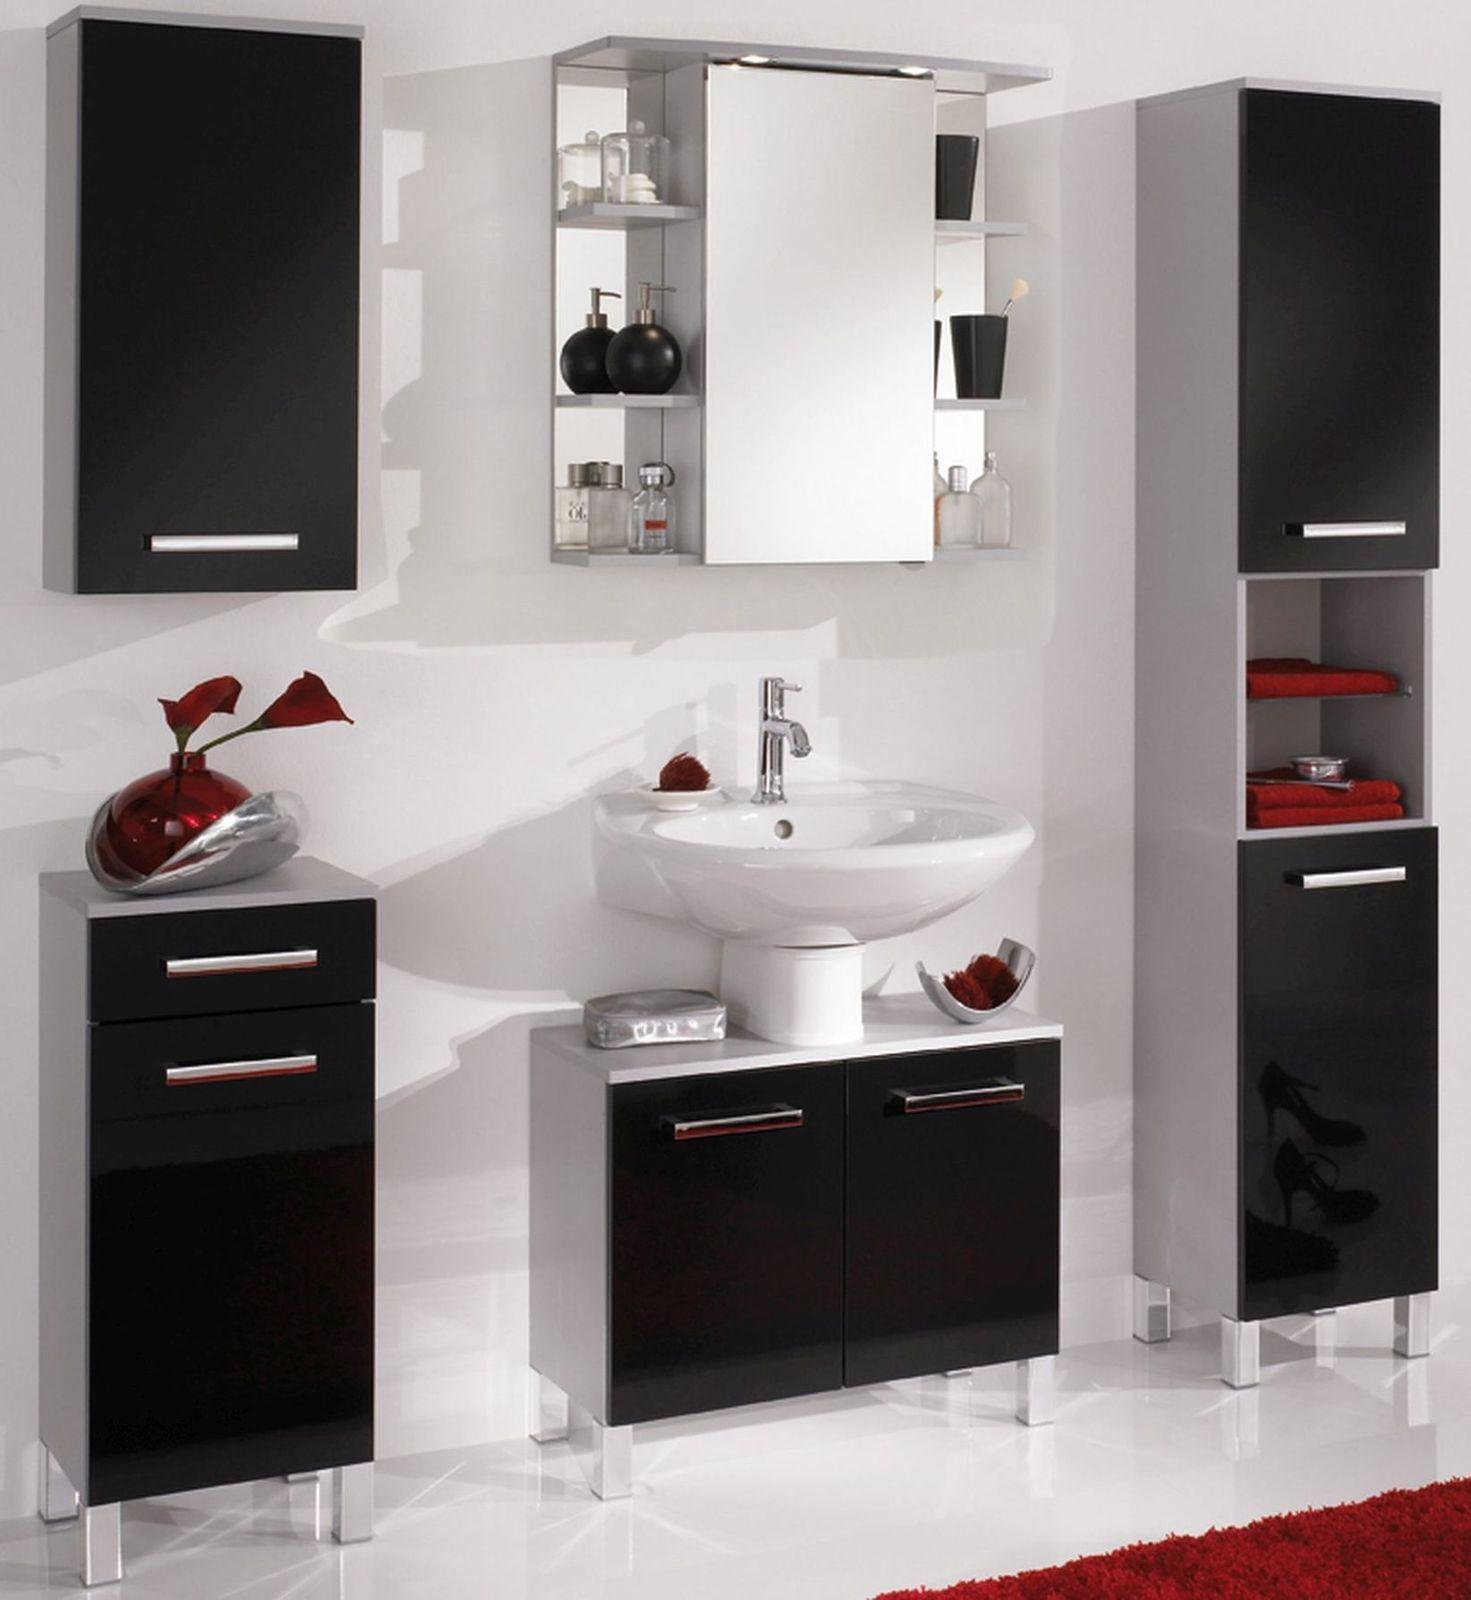 5 Tlg Badset Badezimmer Mobel Komplett Badezimmer Led Spiegelschrank